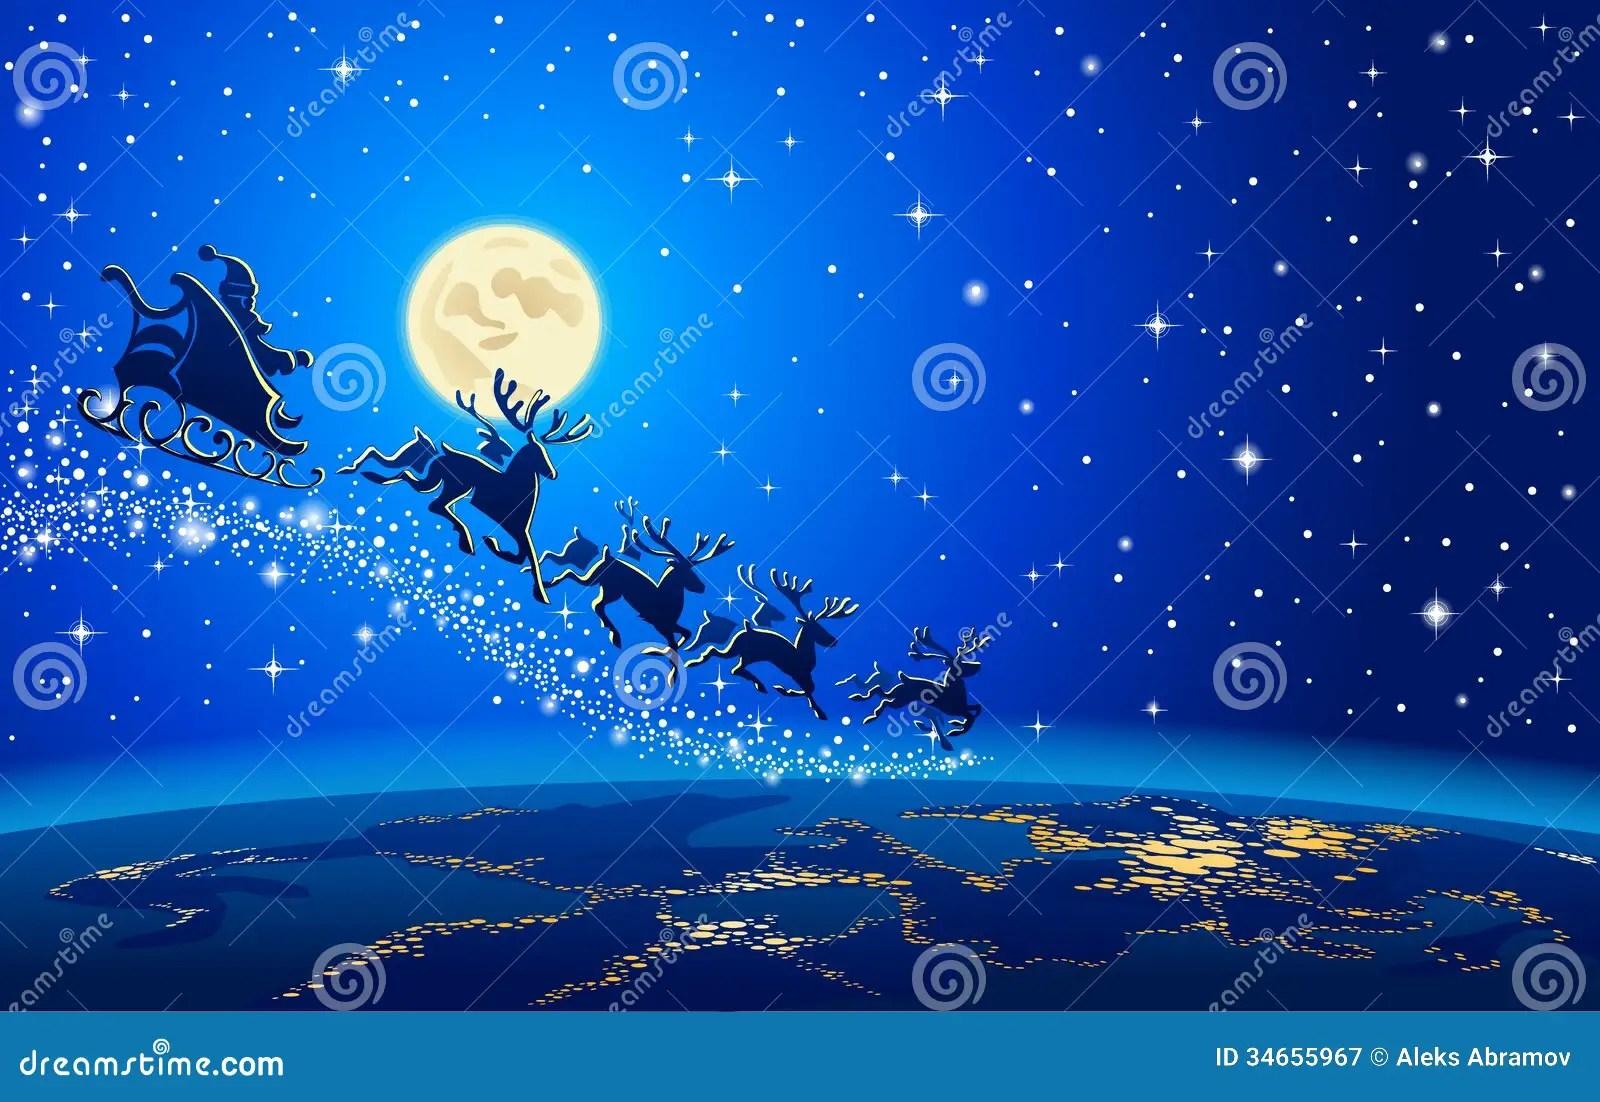 Jesus Wallpaper Hd 3d Download Santa Claus And Reindeer In Sky Stock Vector